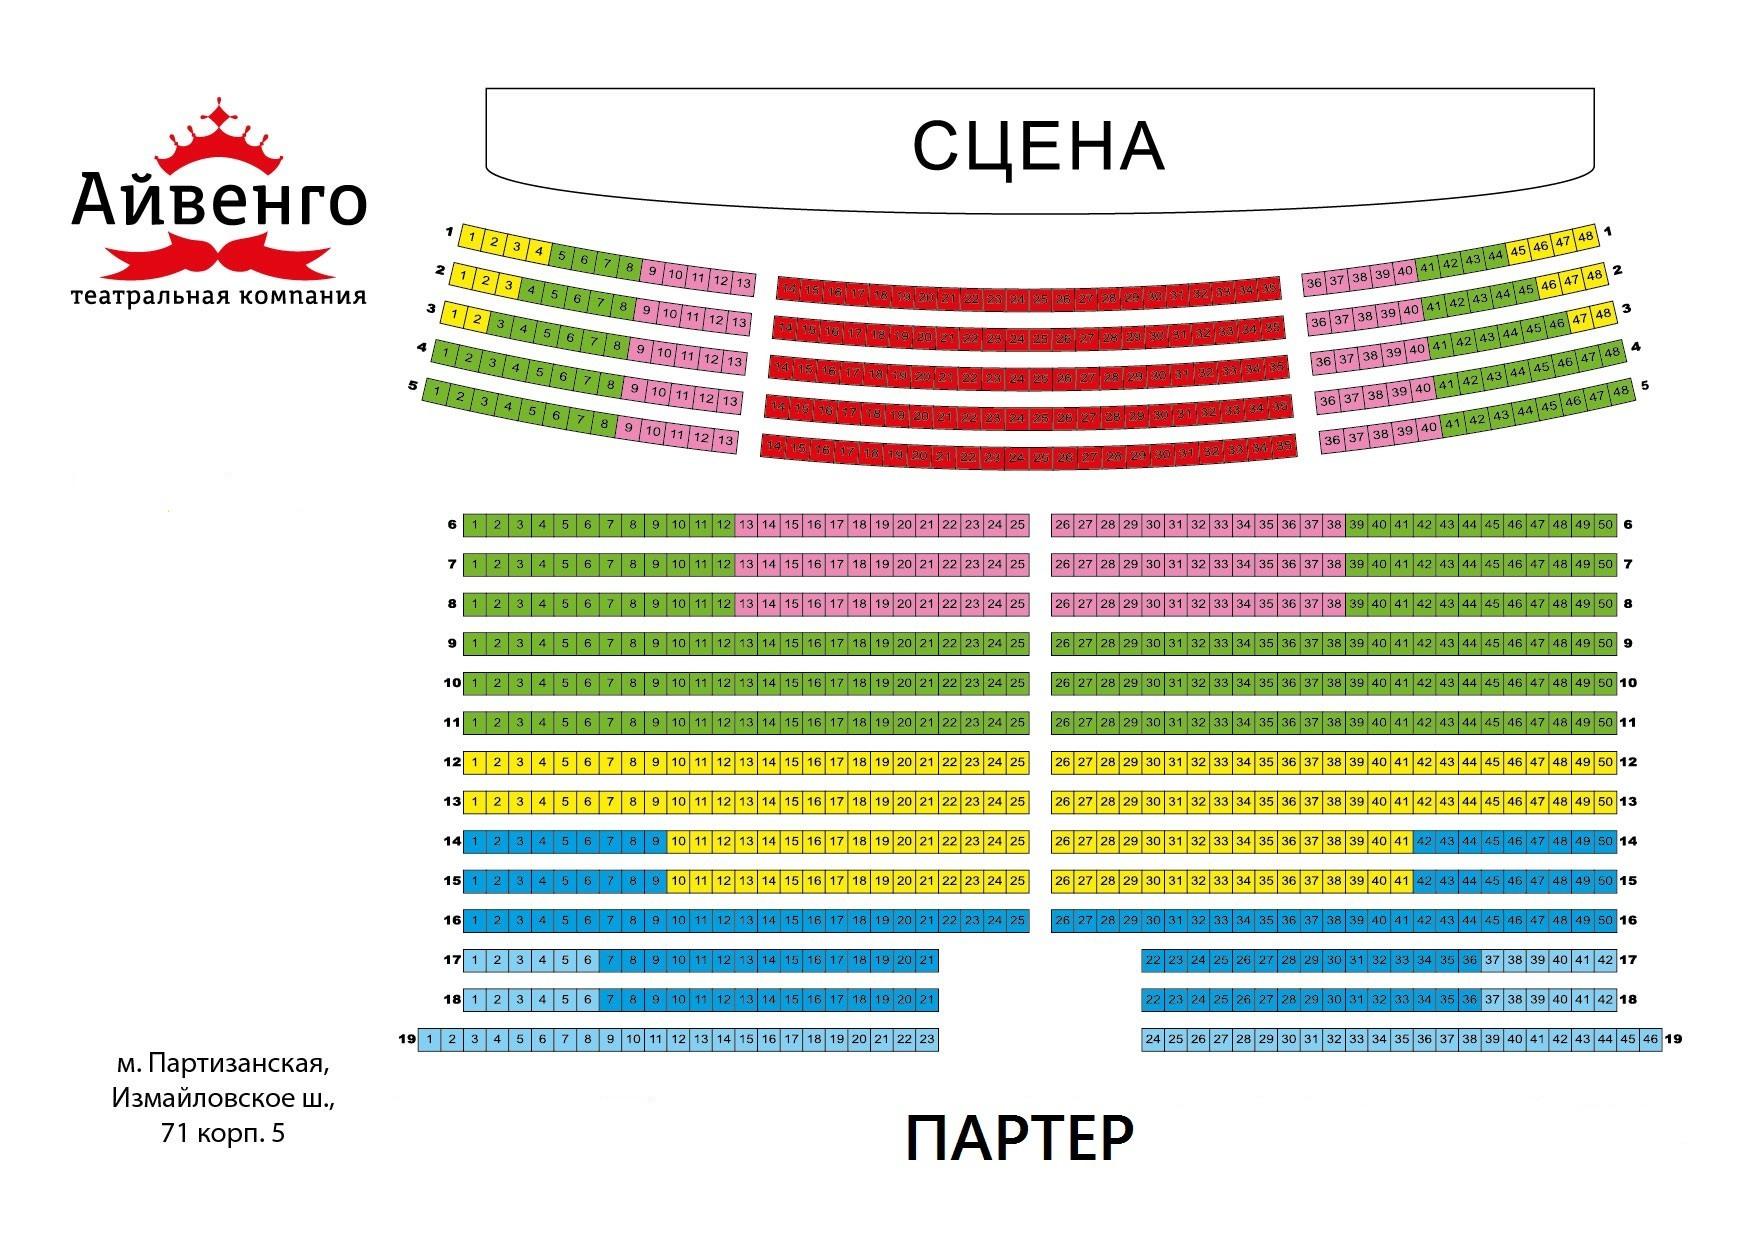 Музыкальный театр айвенго схема